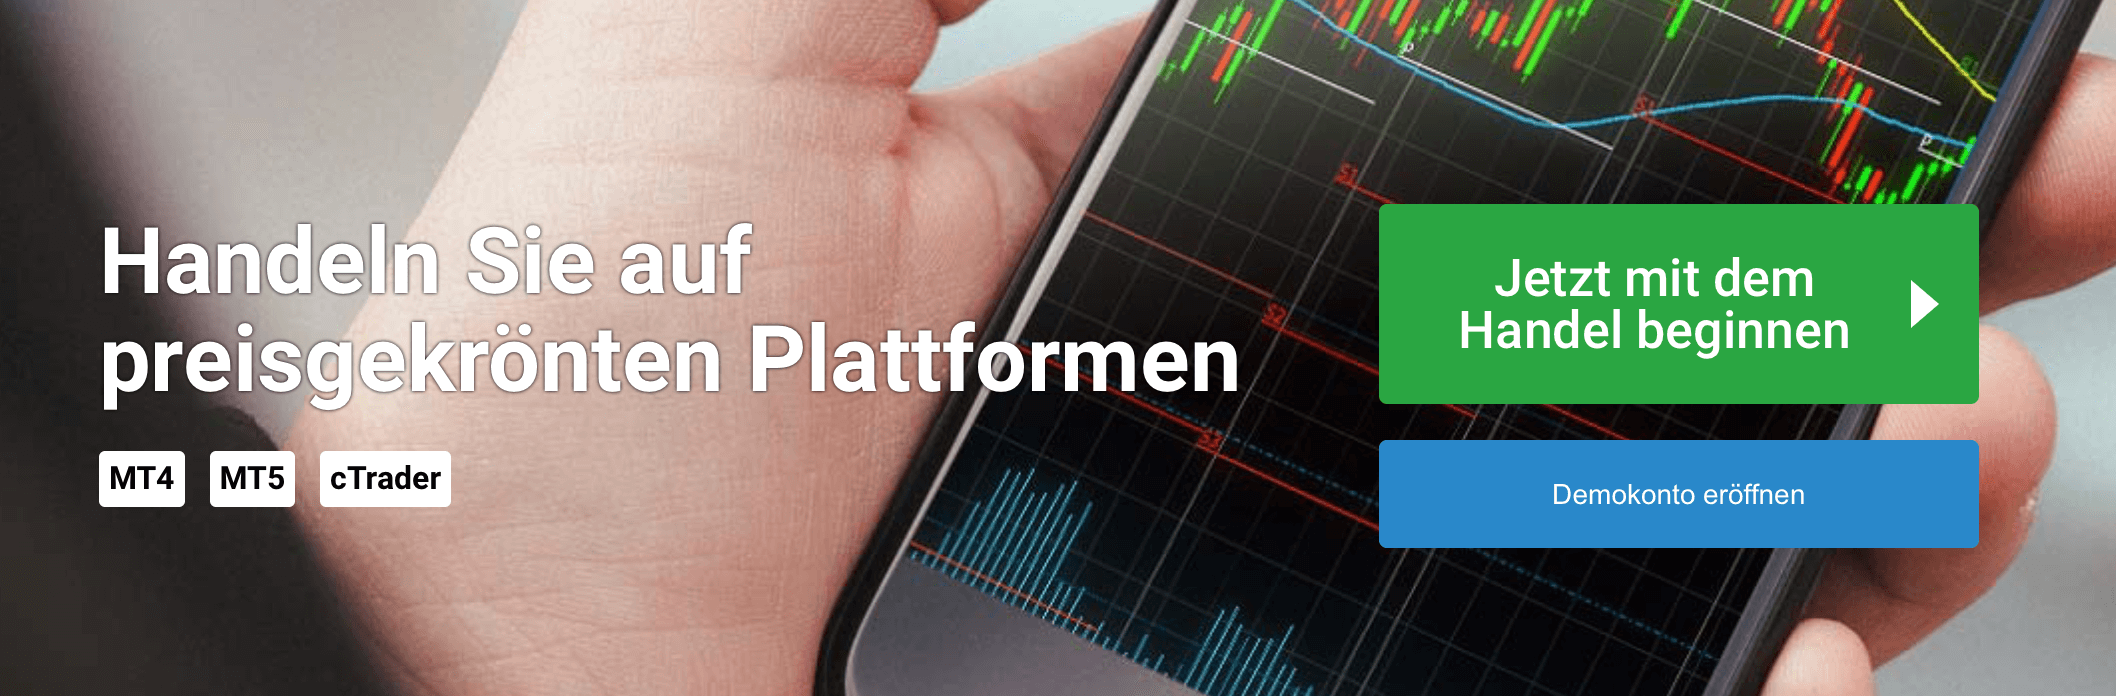 Bei FxPro handeln Trader über preisgekrönte Plattformen